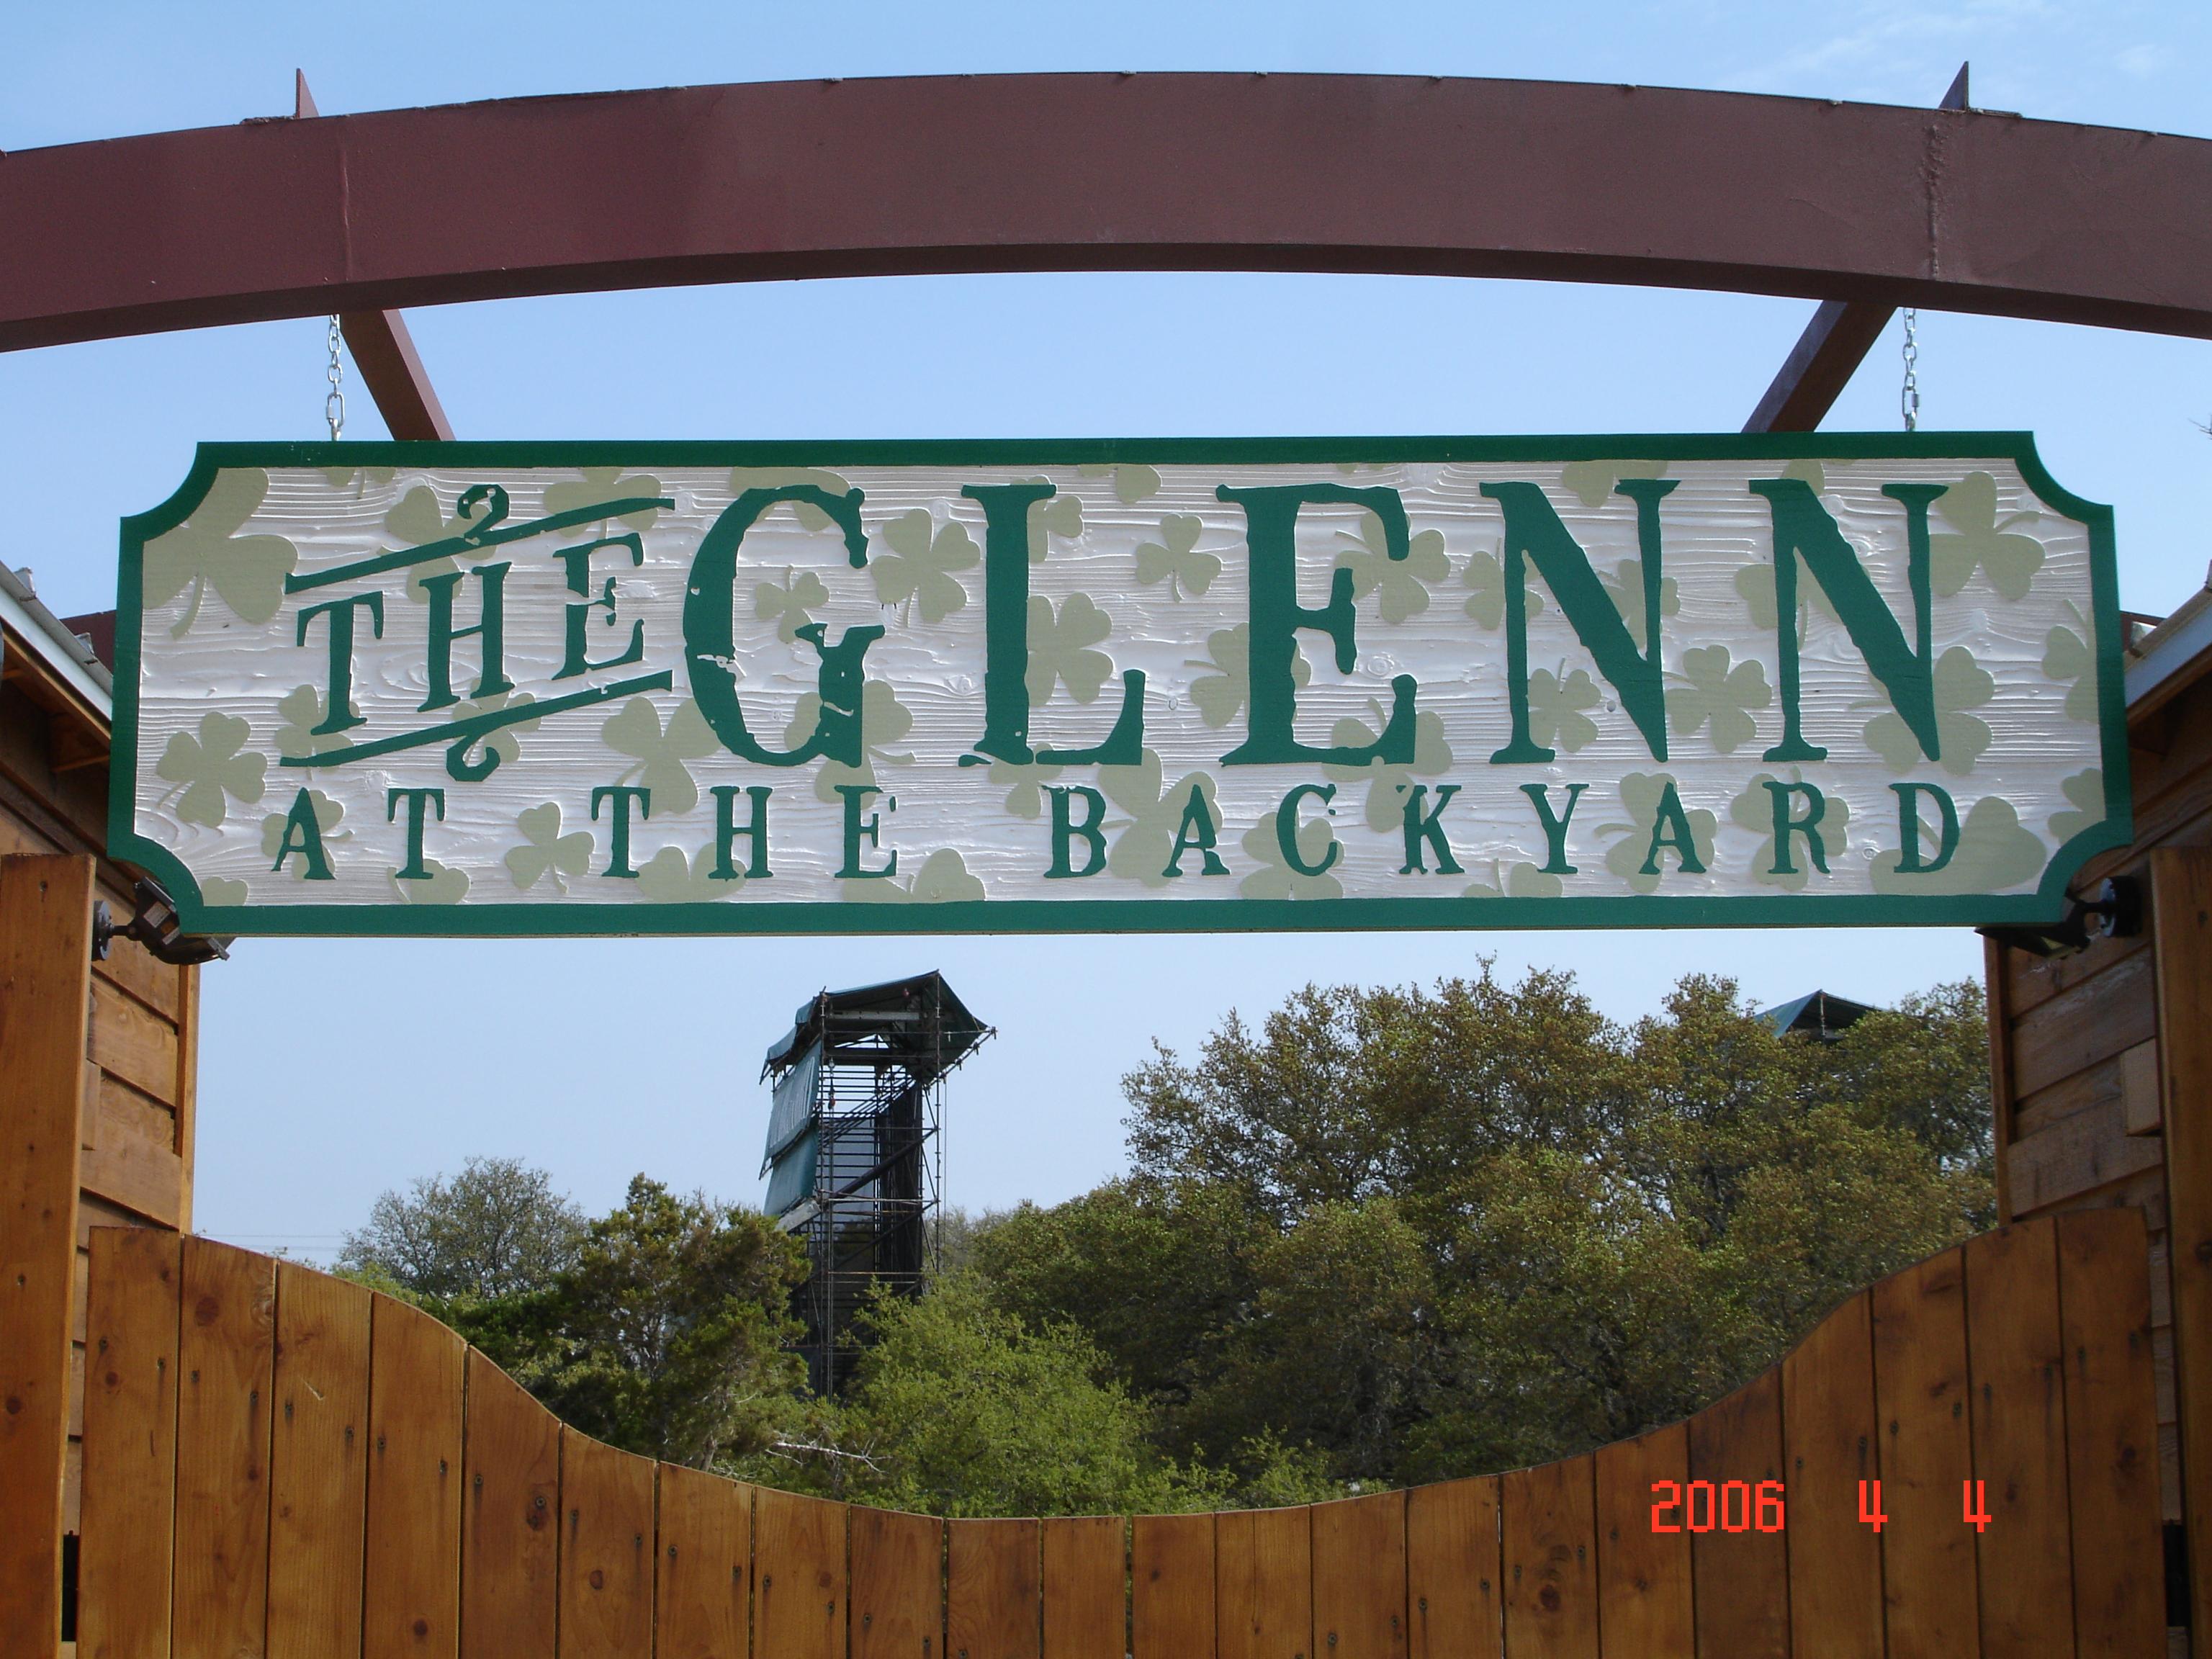 The Backyard - lk6373.jpg